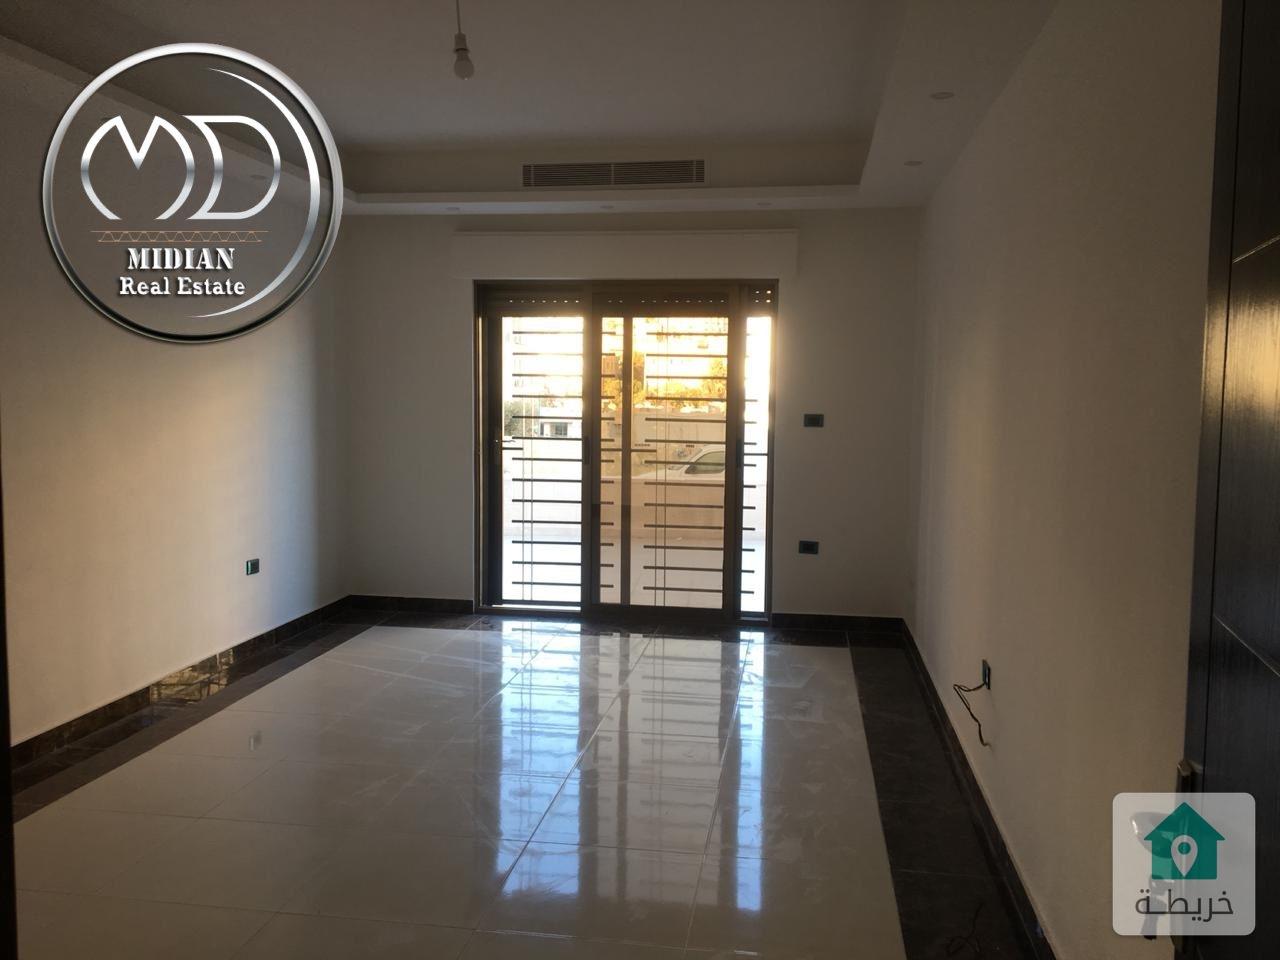 شقة ارضية جديده للبيع الجاردنز 135م مع ترس 50م تشطيب سوبر ديلوكس